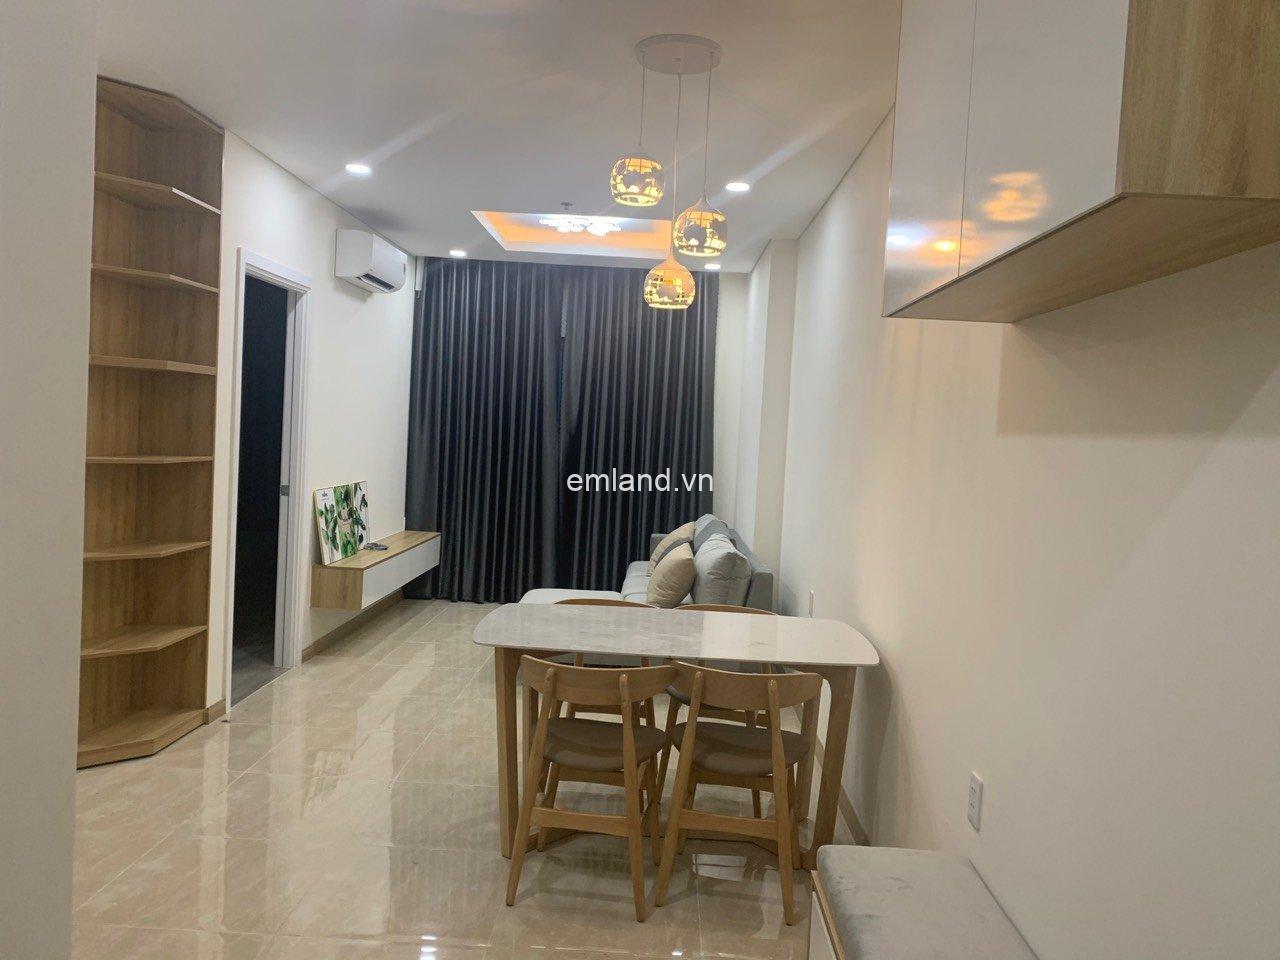 Cho thuê căn hộ Monarchy , Diện tích 86 m2 ,Giá 16 triệu/ tháng, Hotline 0905.366.661 – 0905.366.665